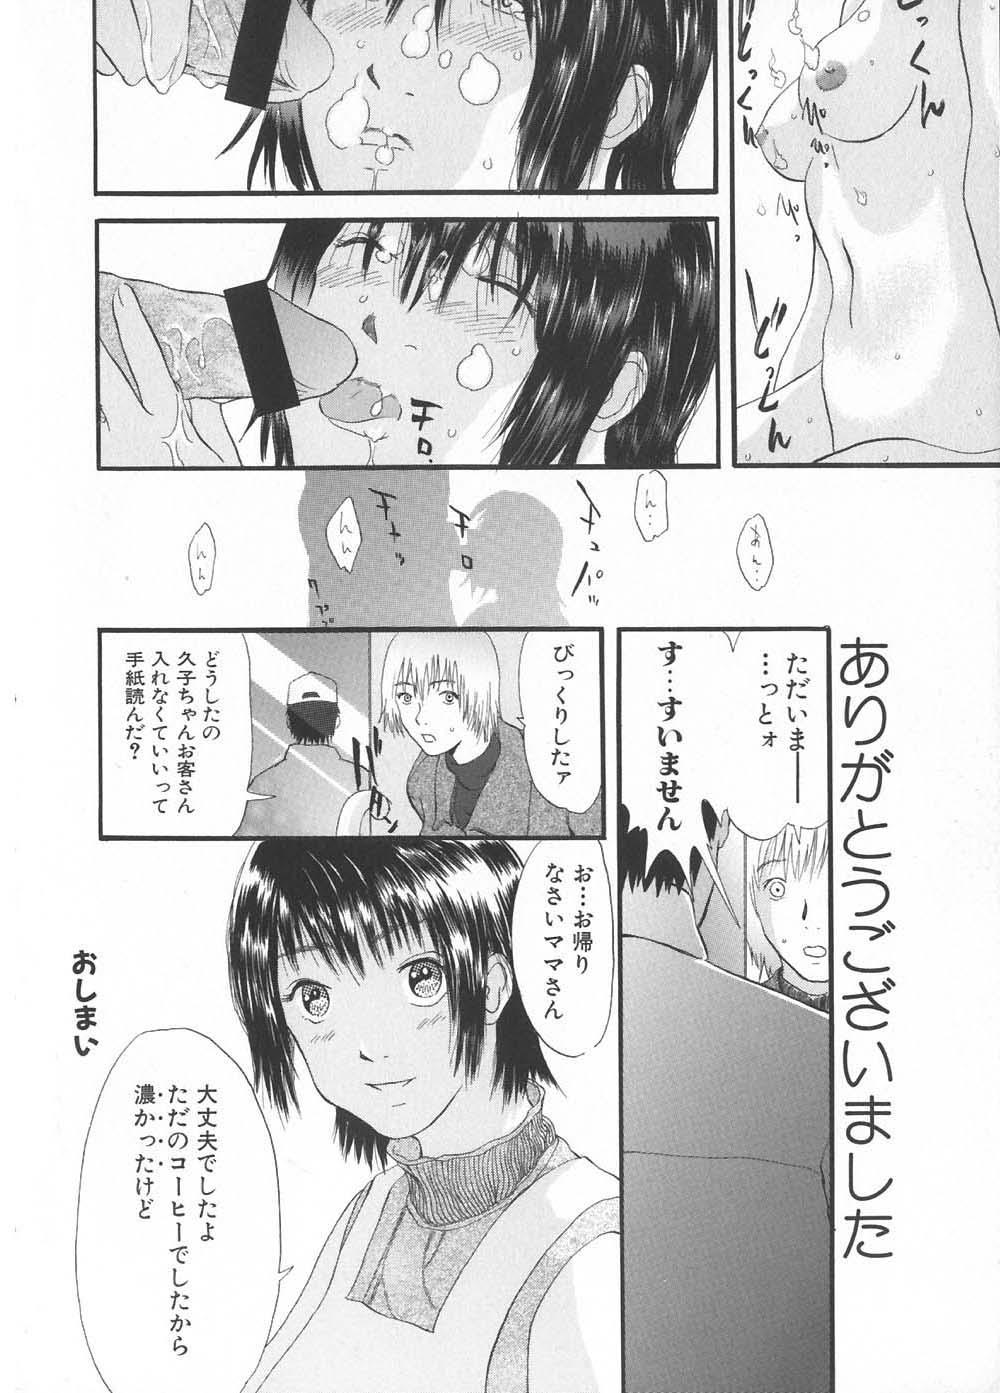 Gochuumon wa Okimari Desuka 165